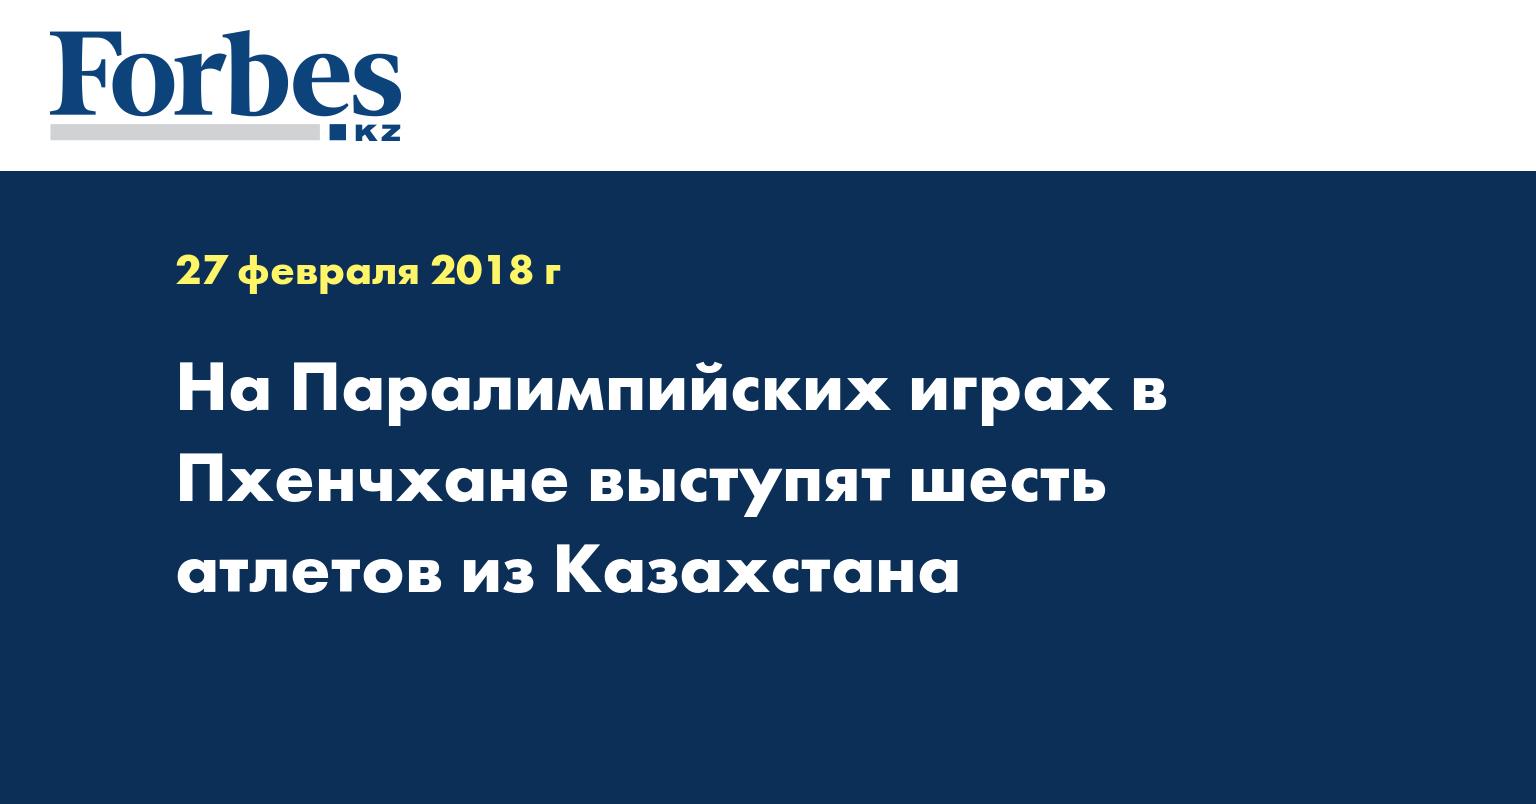 На Паралимпийских играх в Пхенчхане выступят шесть атлетов из Казахстана